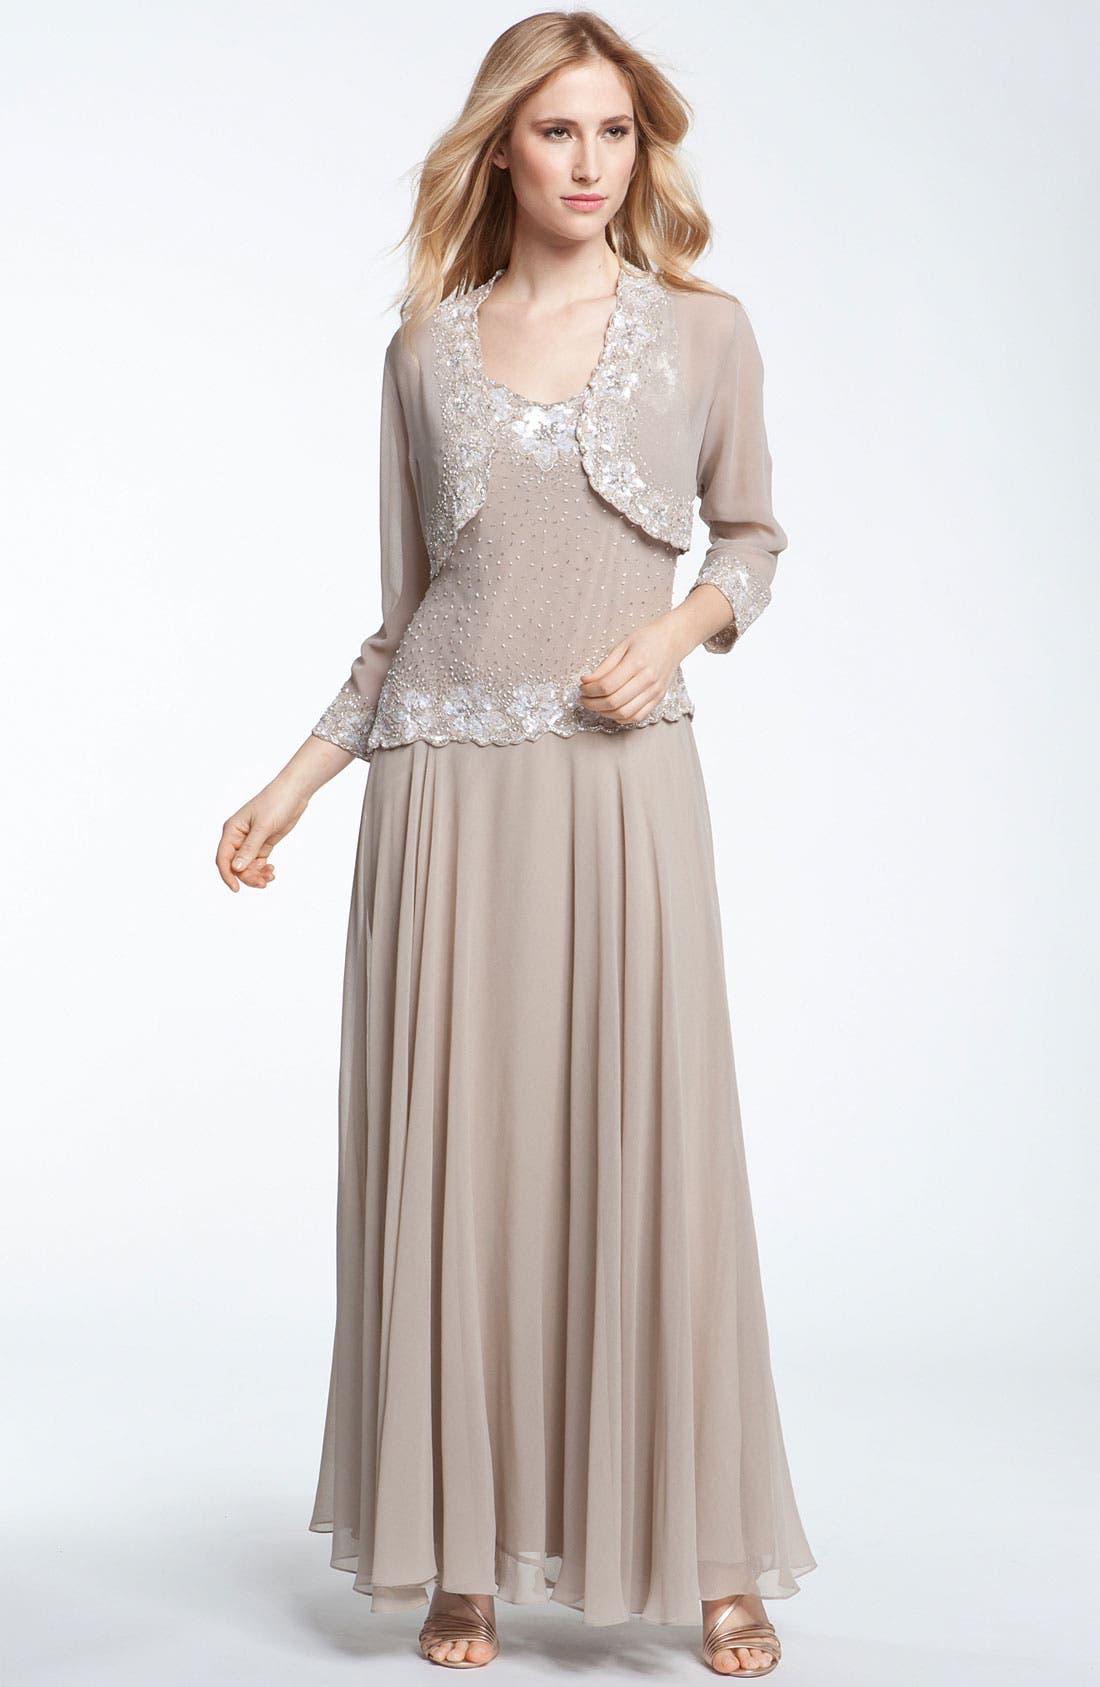 Alternate Image 1 Selected - J Kara Beaded Dress & Bolero